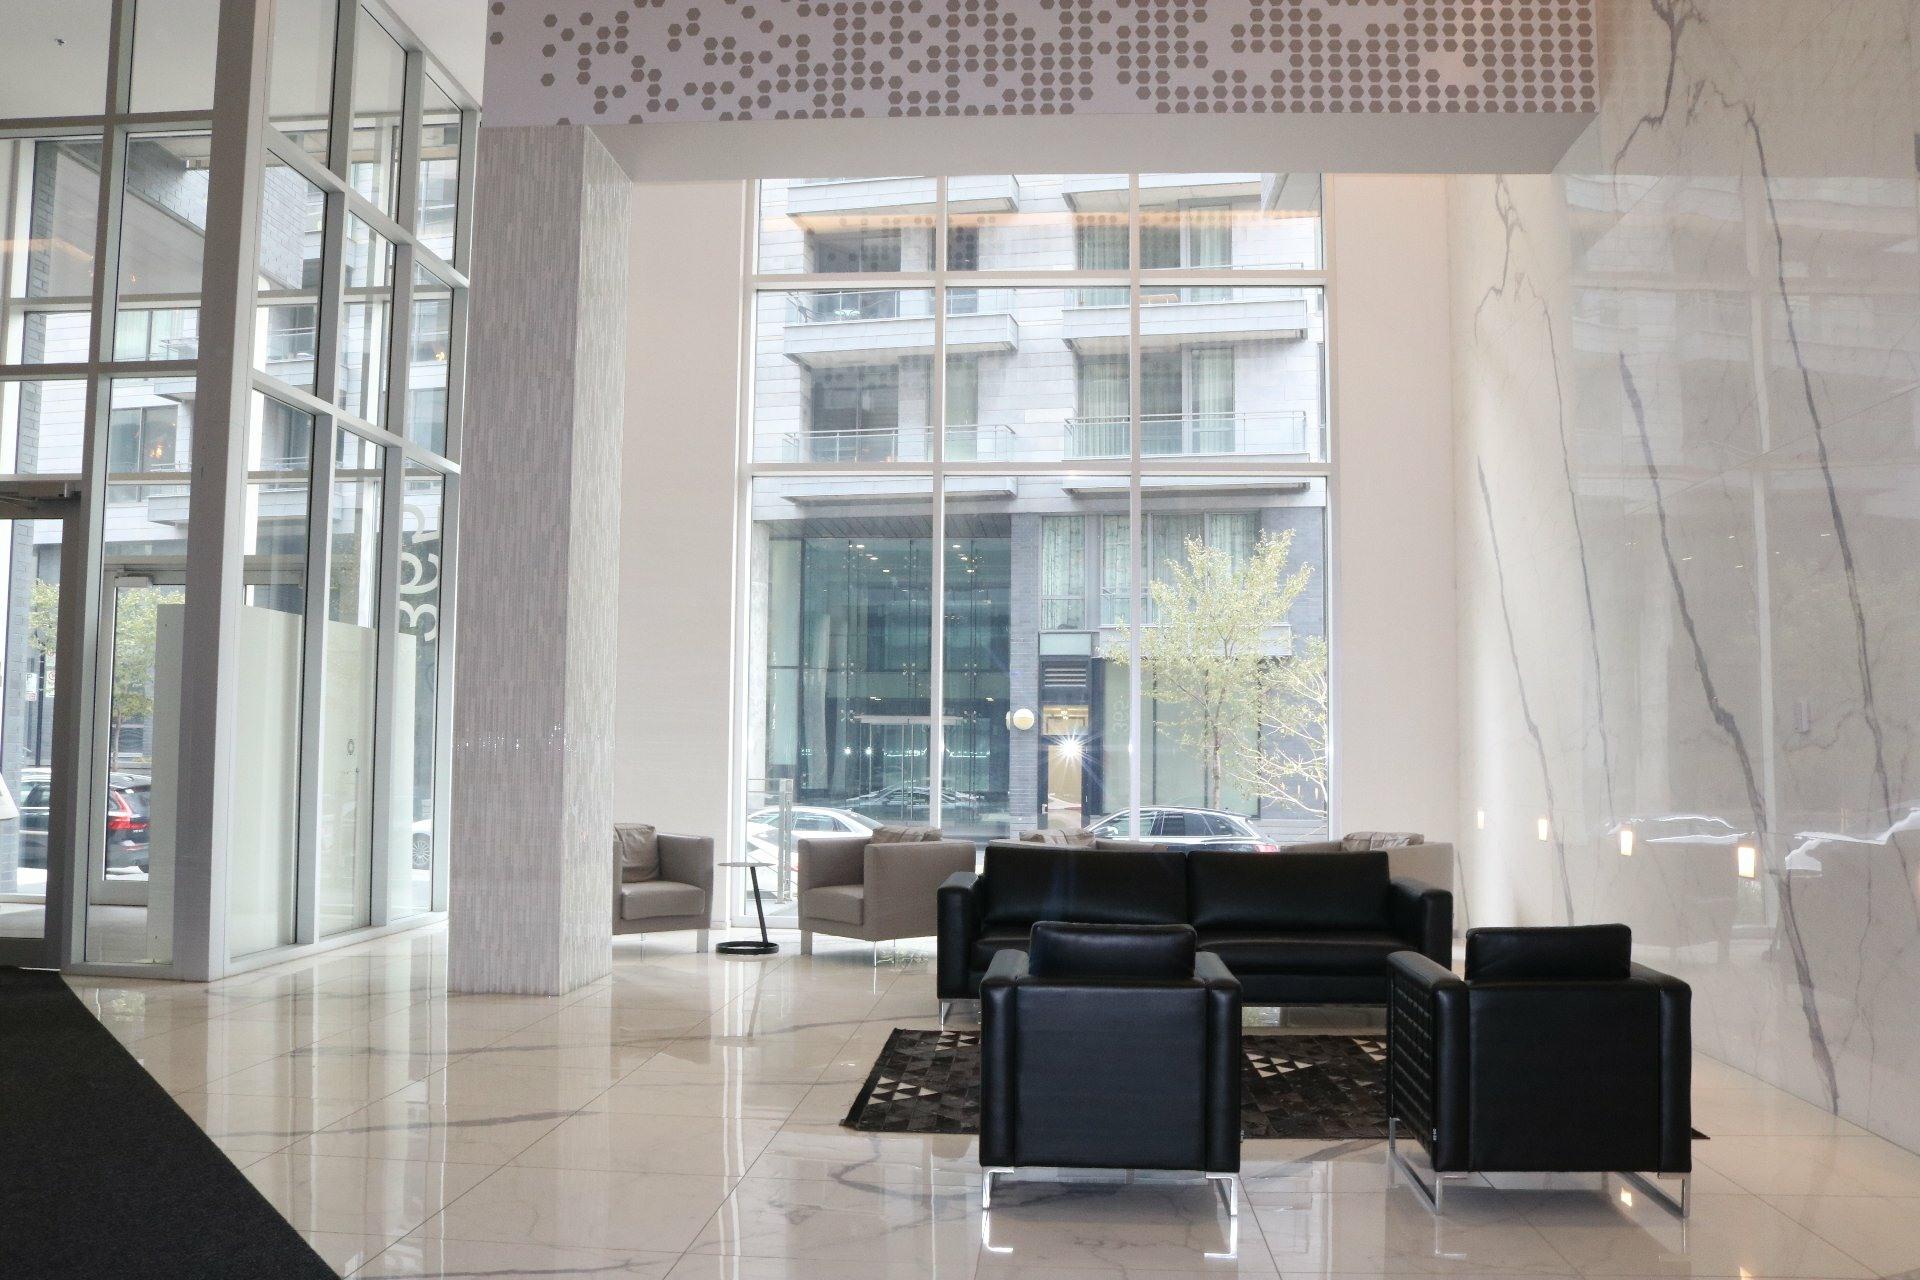 image 17 - Apartment For rent Ville-Marie Montréal  - 4 rooms